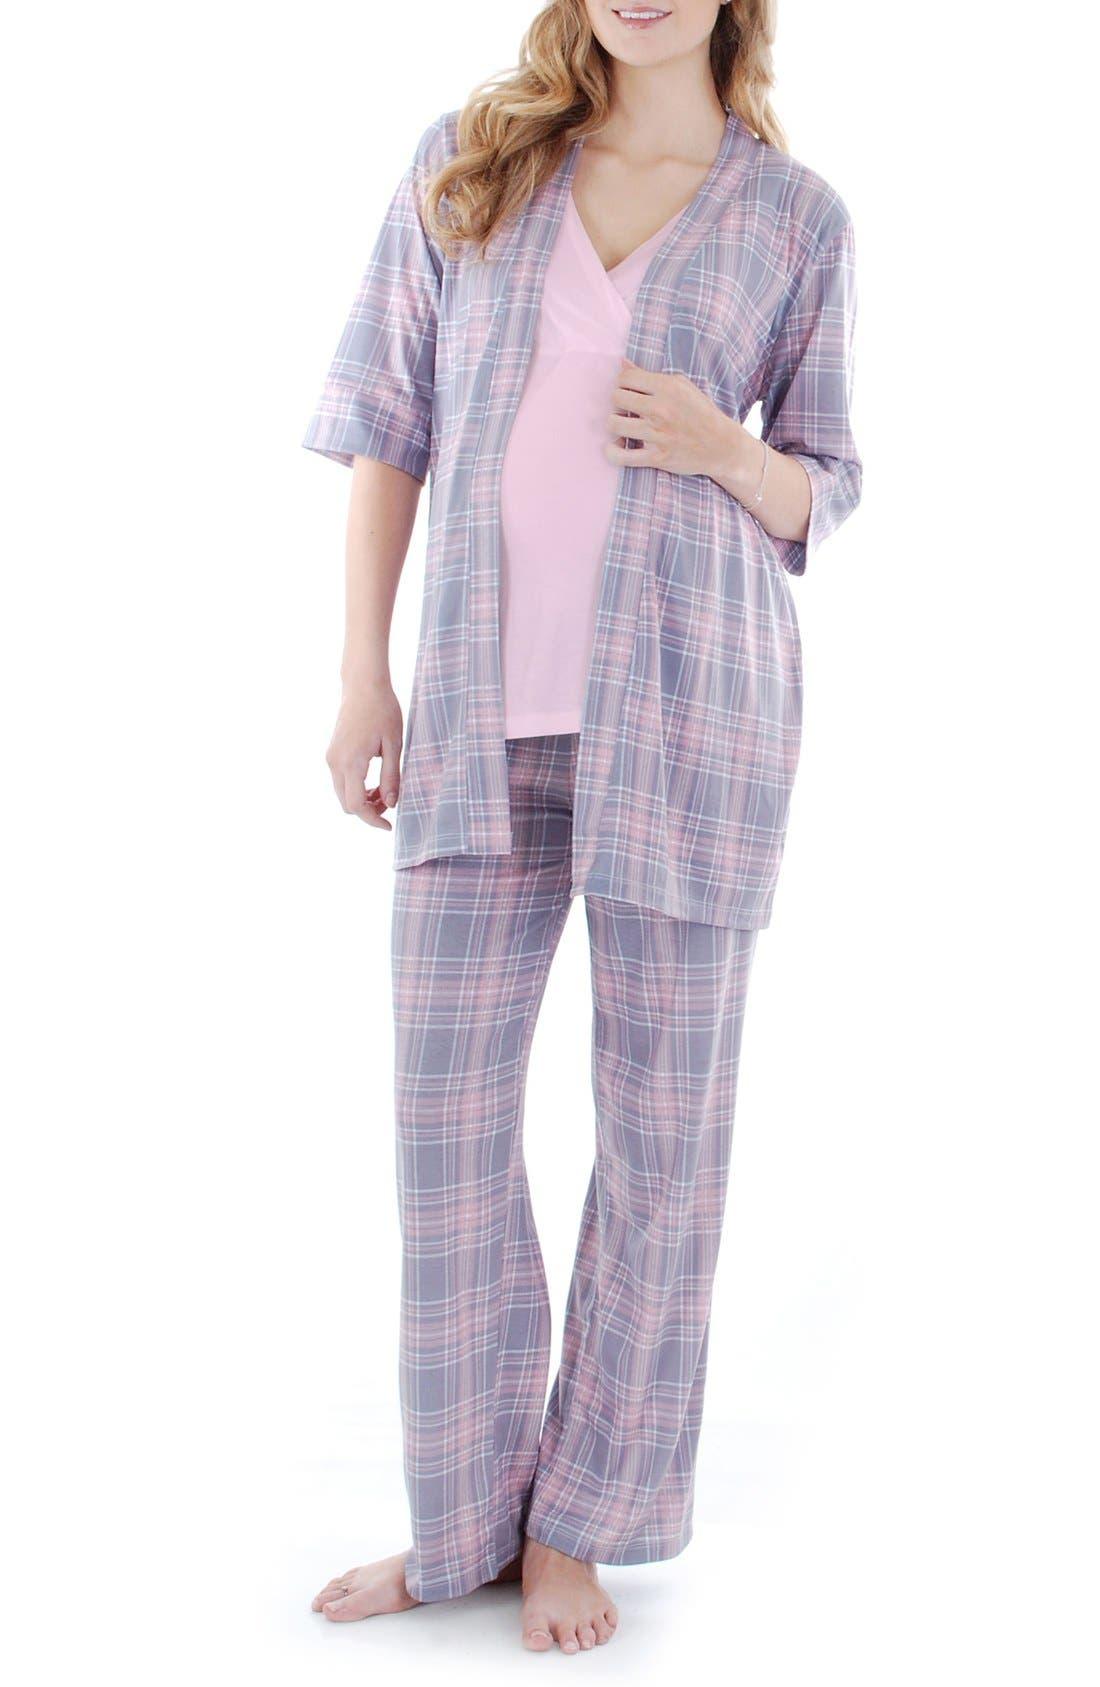 Alternate Image 1 Selected - Everly Grey Susan 5-Piece Maternity/Nursing Pajama Set